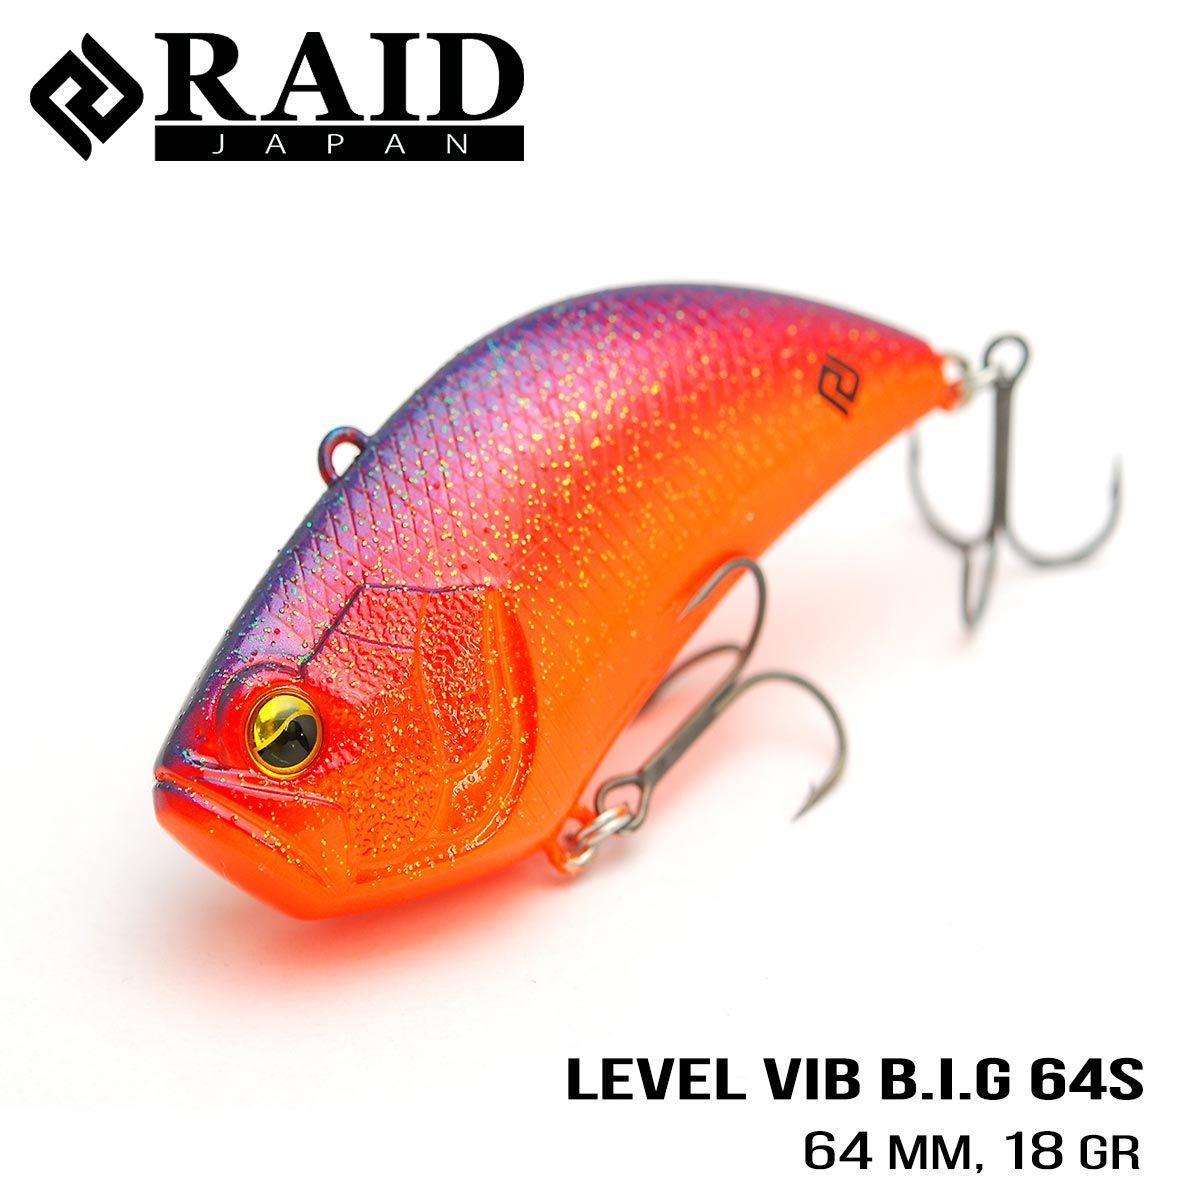 Воблер Raid Level Vib B.I.G. (64mm, 18g) (011 Otori)